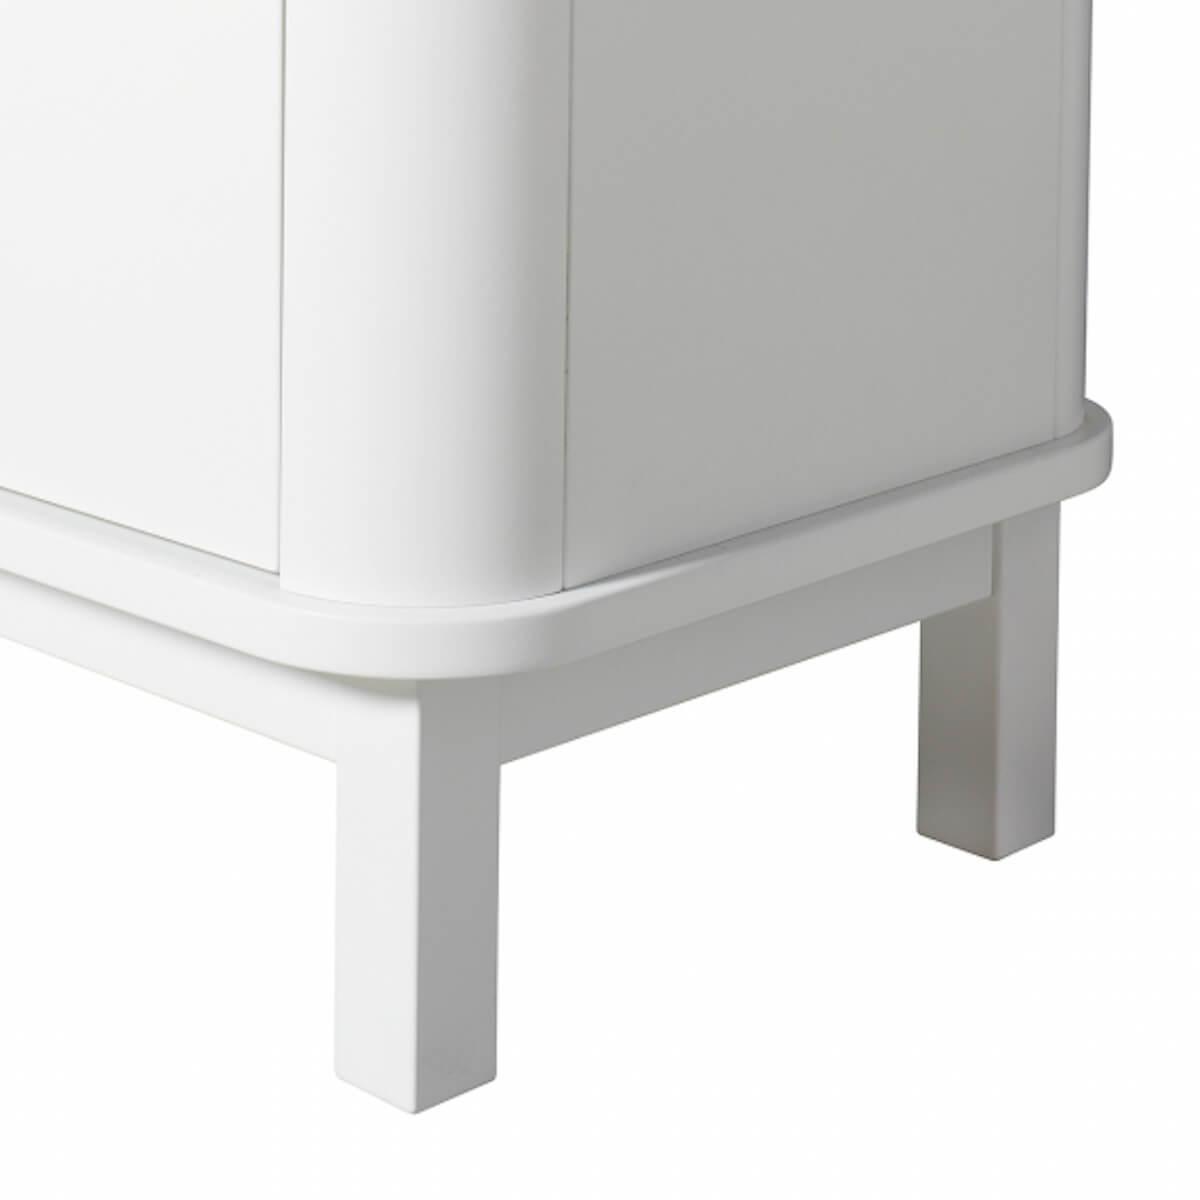 Kleiderschrank Multi-Speicherplatz 3 Türen WOOD Oliver Furniture weiß